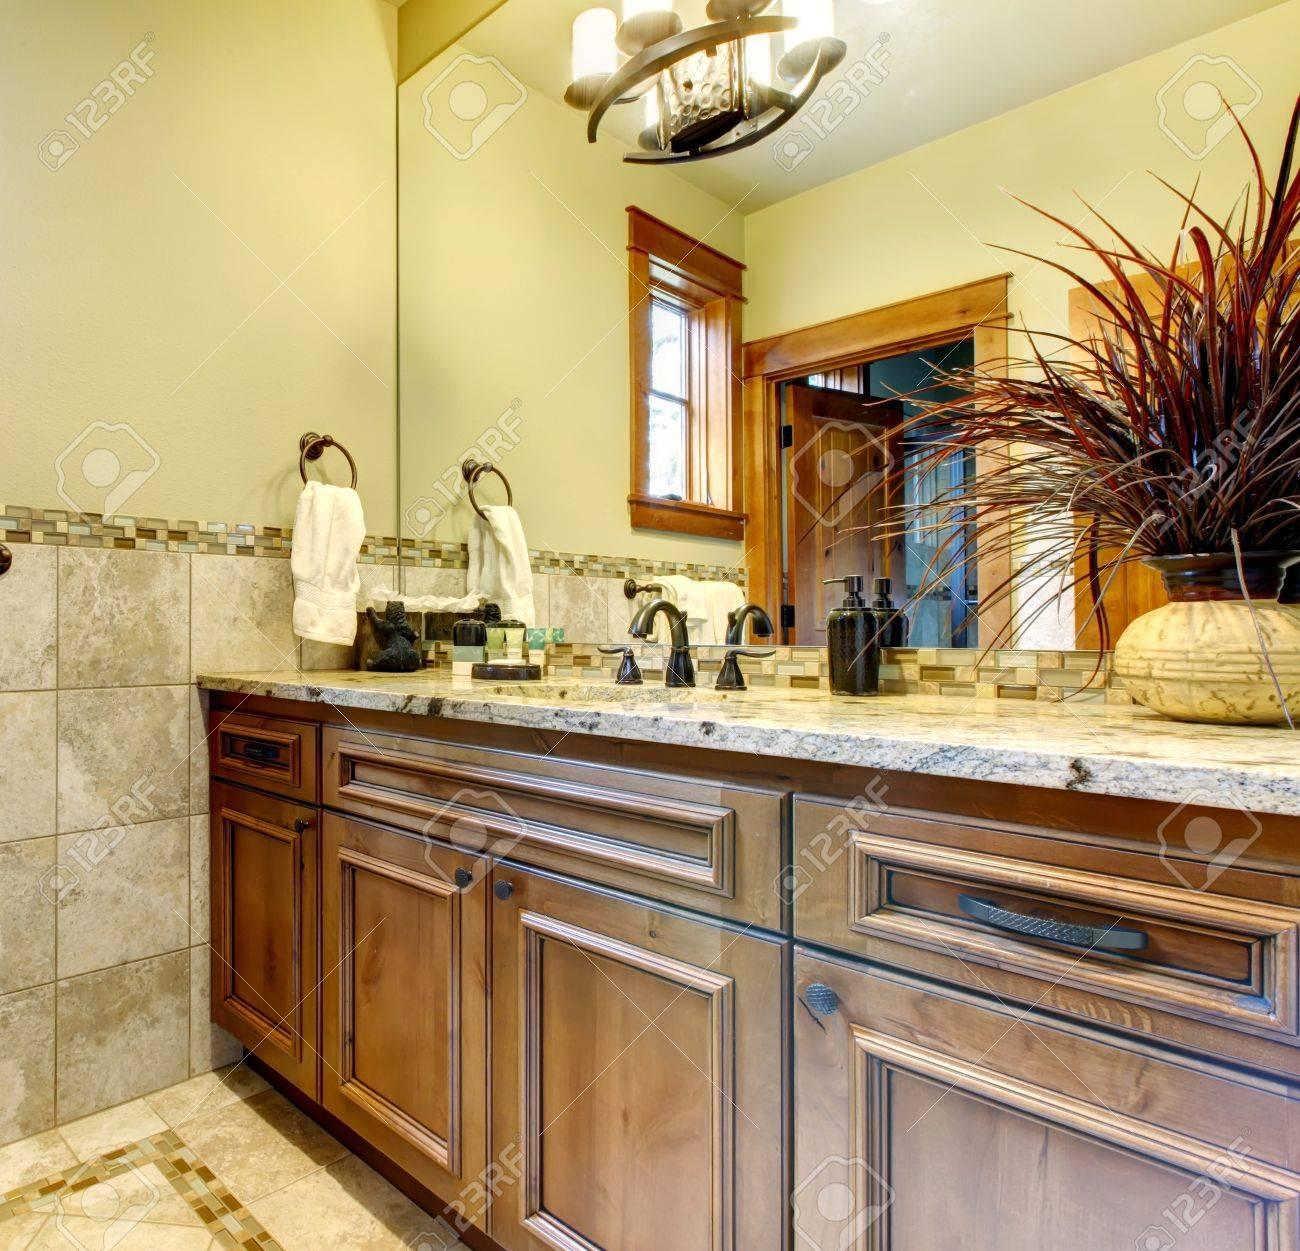 Armoires de salle de bains de luxe à la maison de montagne avec des  carreaux de pierre.